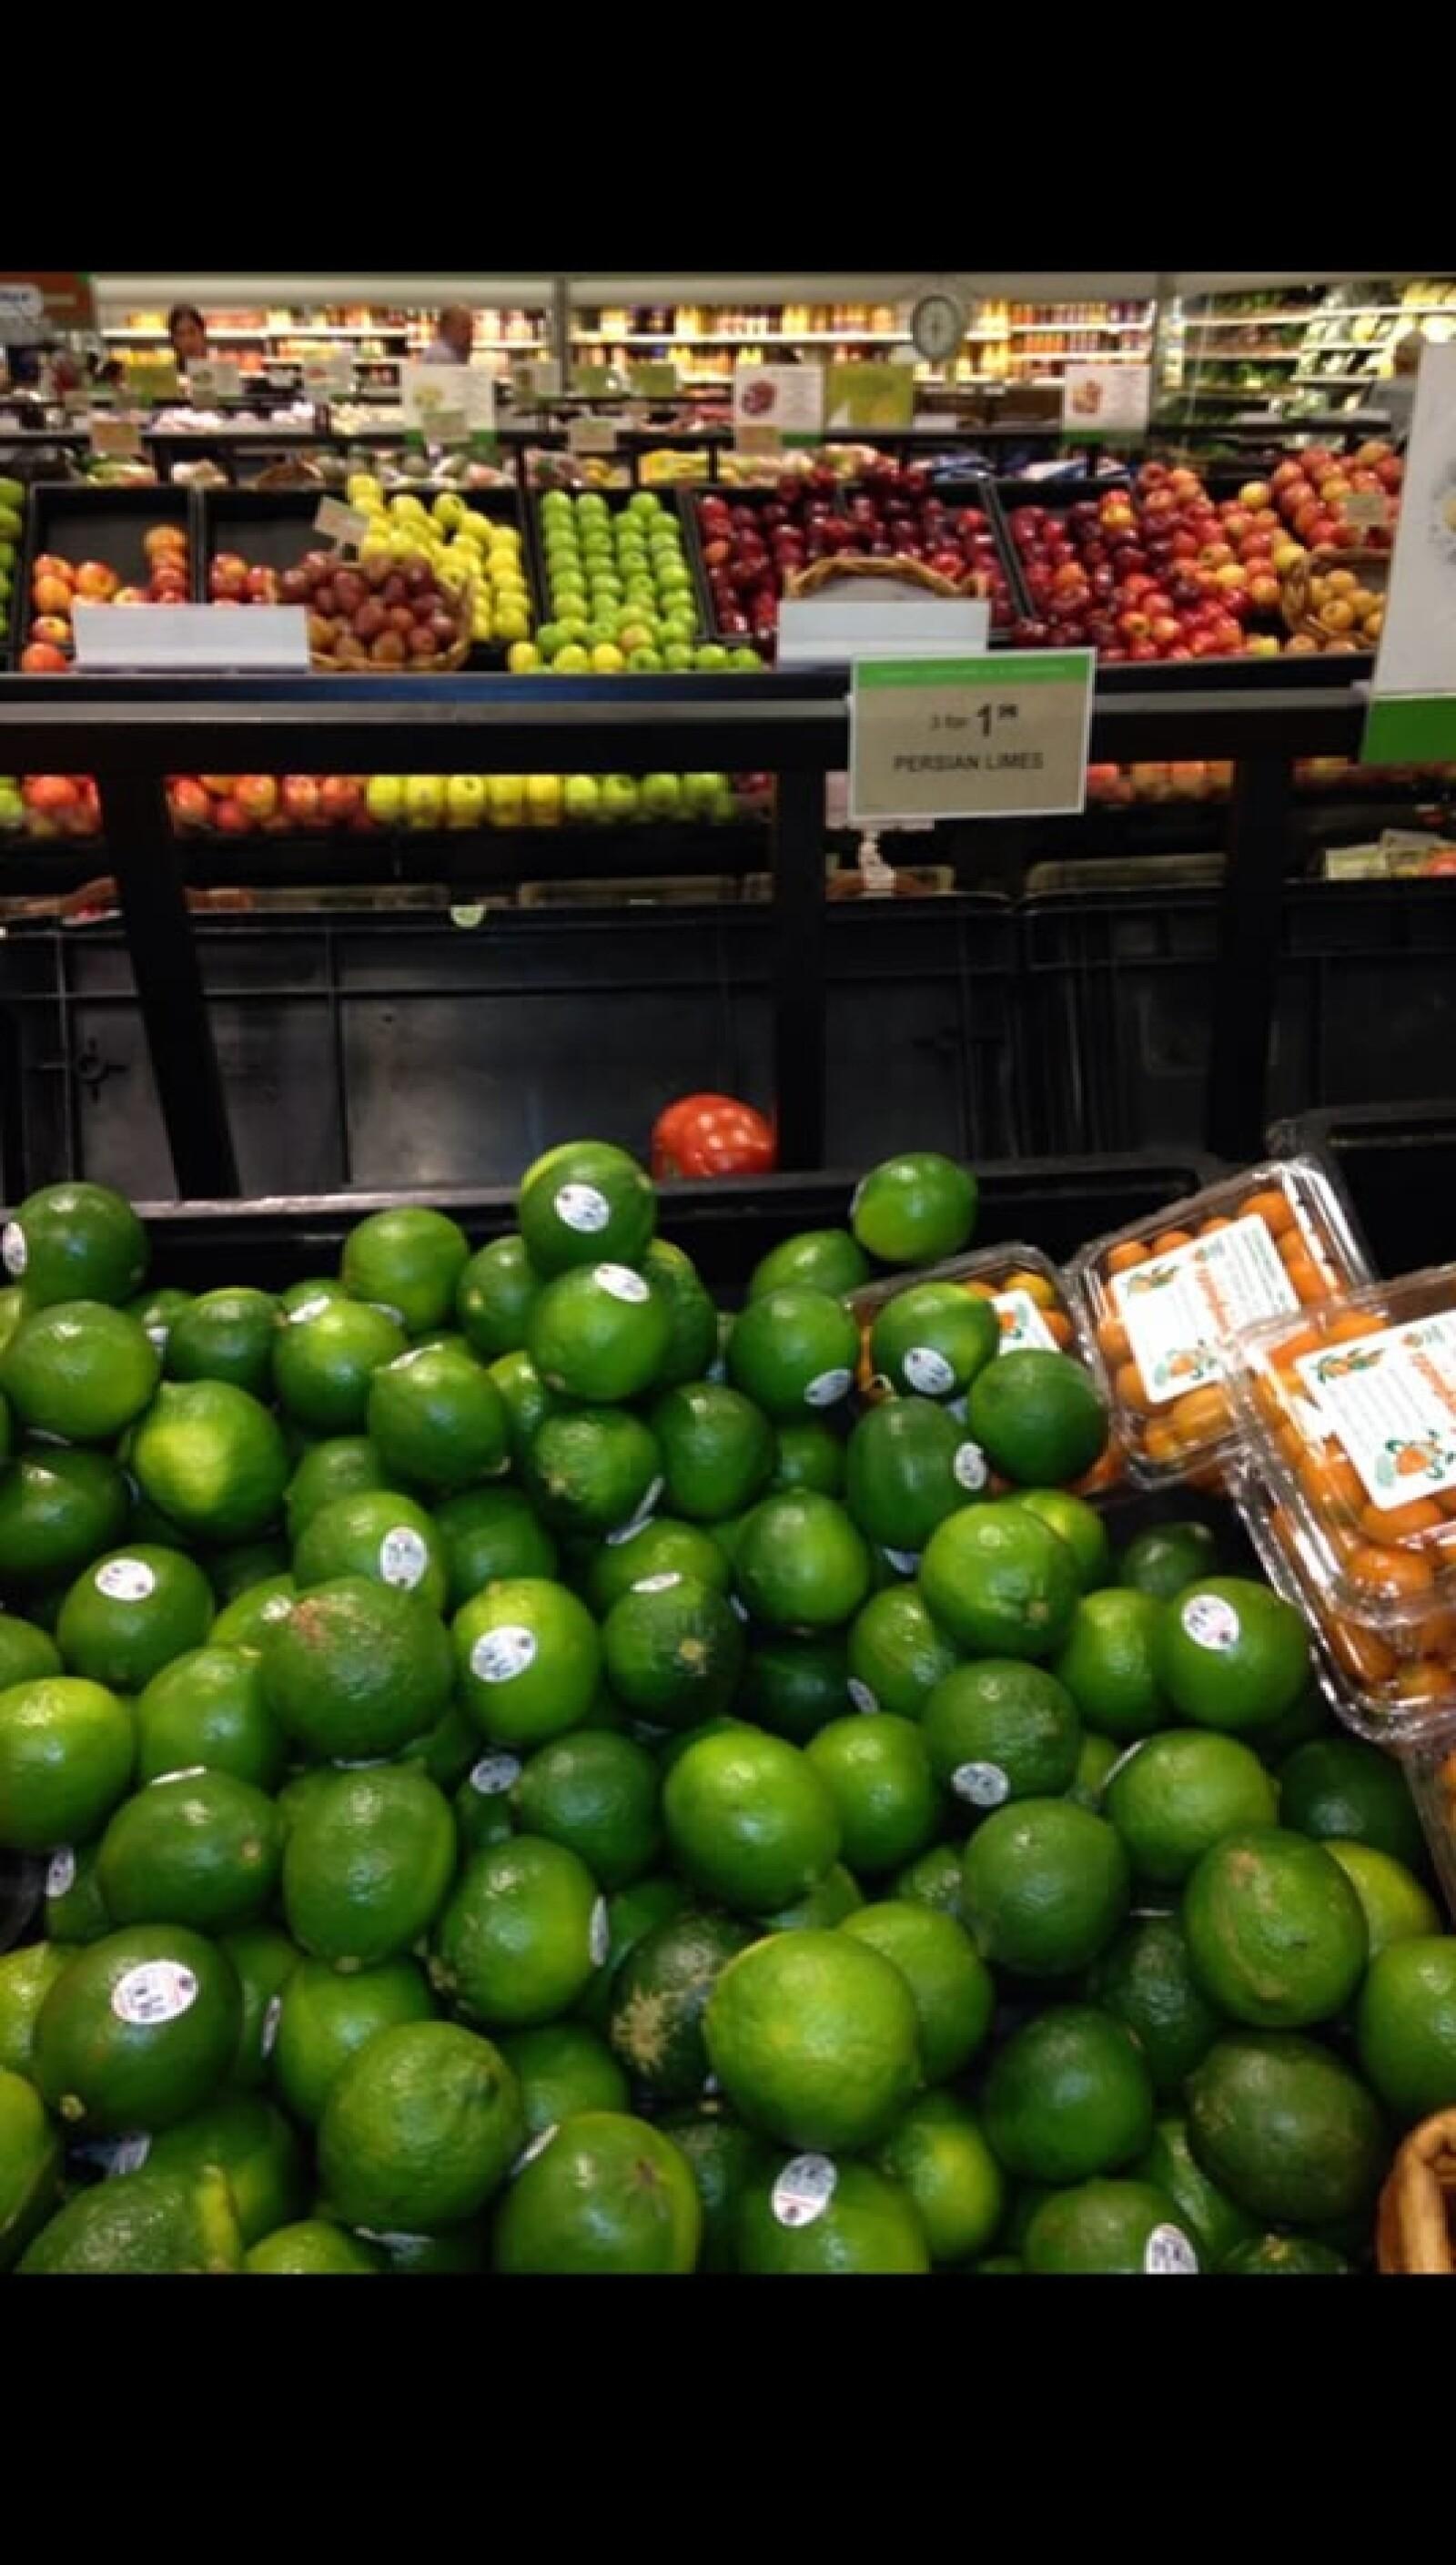 En la zona Doral en Miami, en el supermercado Publix, los limones cuestan 3 por 1.99 dólares, unos 26 pesos mexicanos